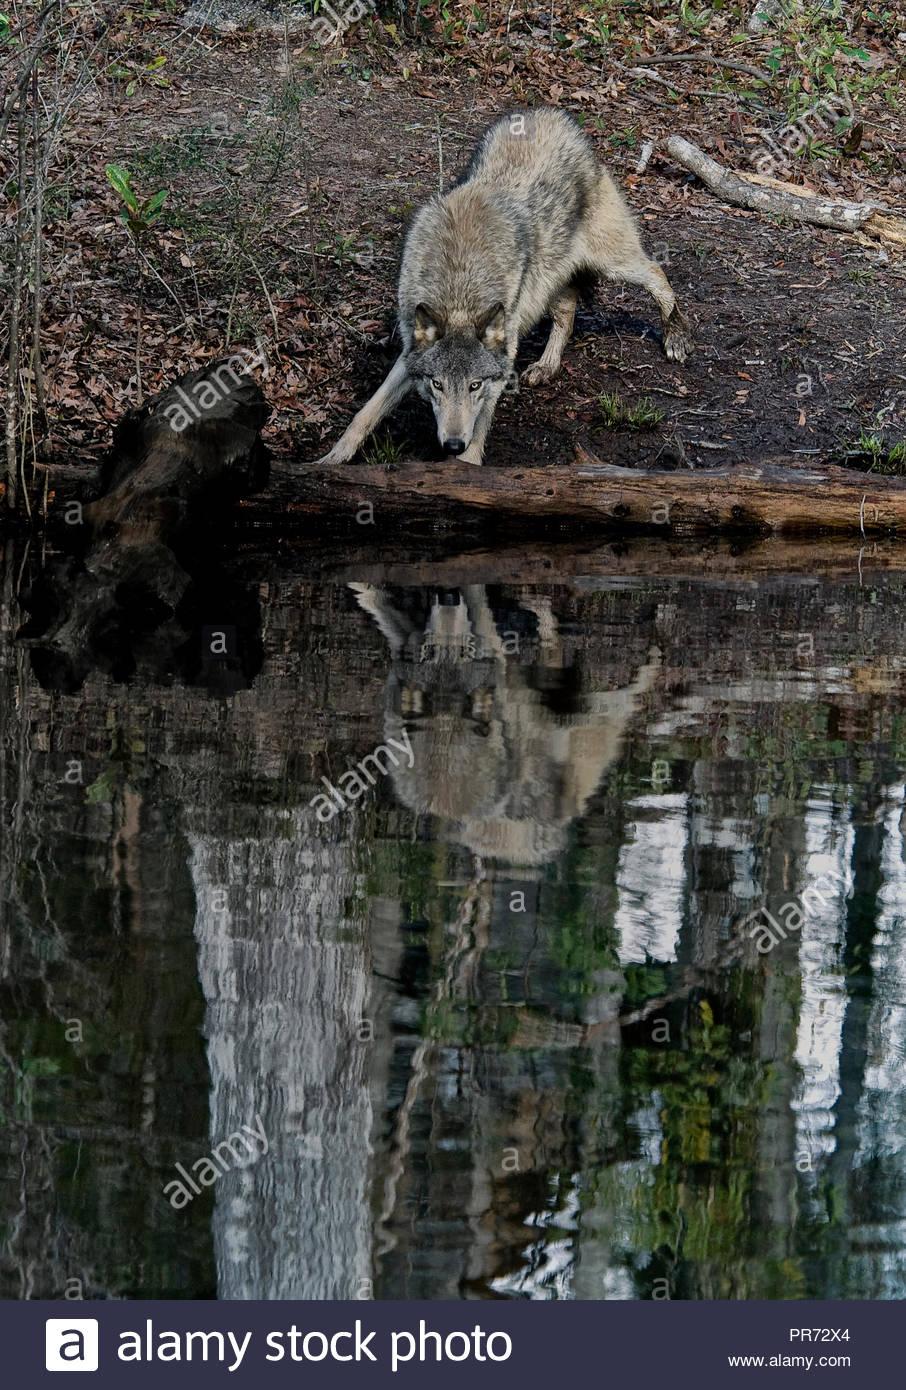 Timber Wolf (aussi connu comme un loup ou Loup gris) reflète dans Étang Photo Stock